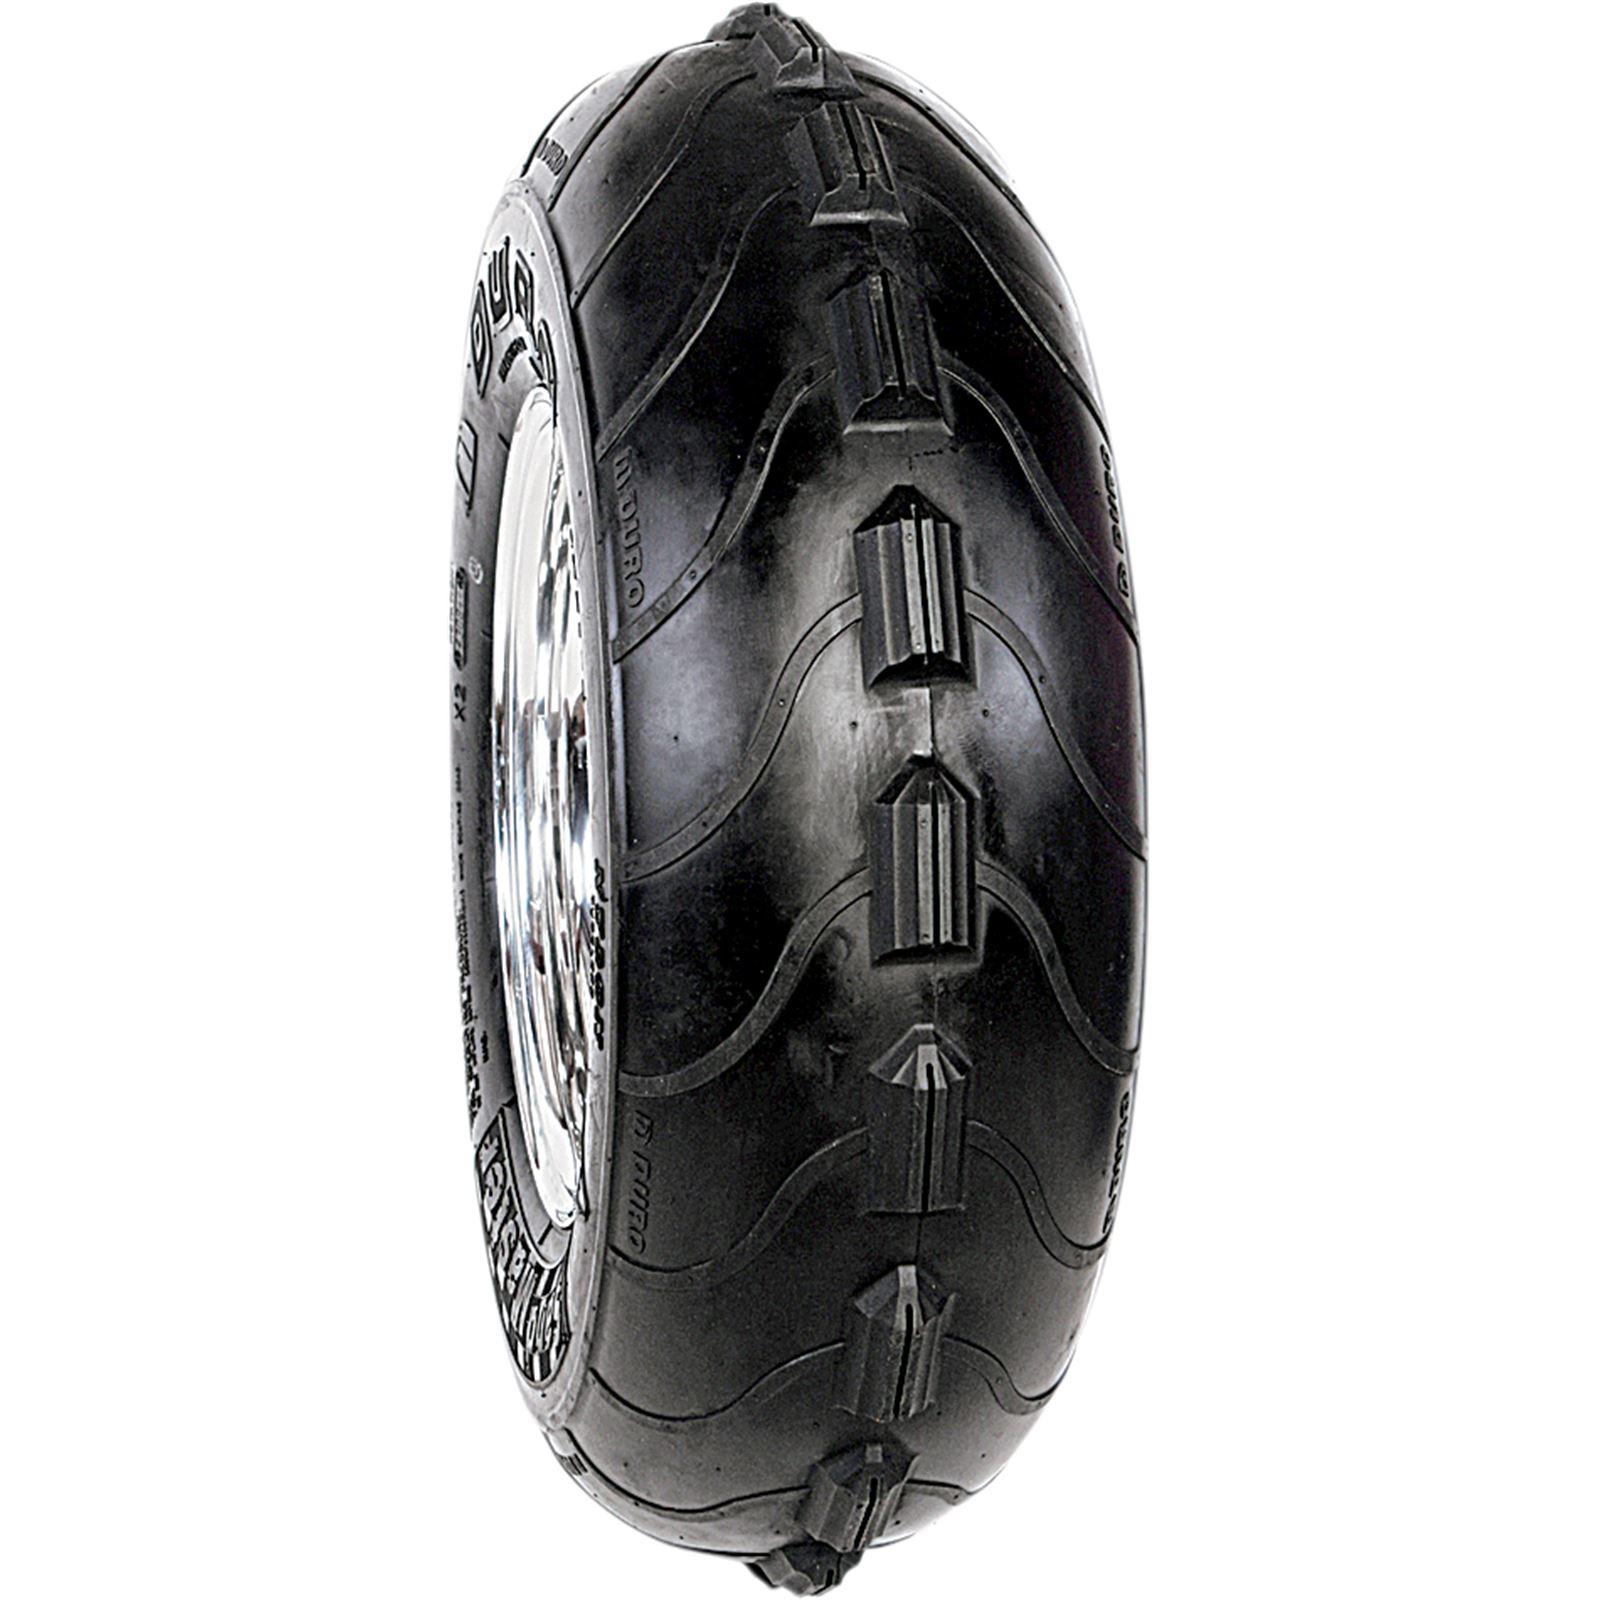 Duro Tire Tire - DI2029 - 21X7-10 - 2 Ply